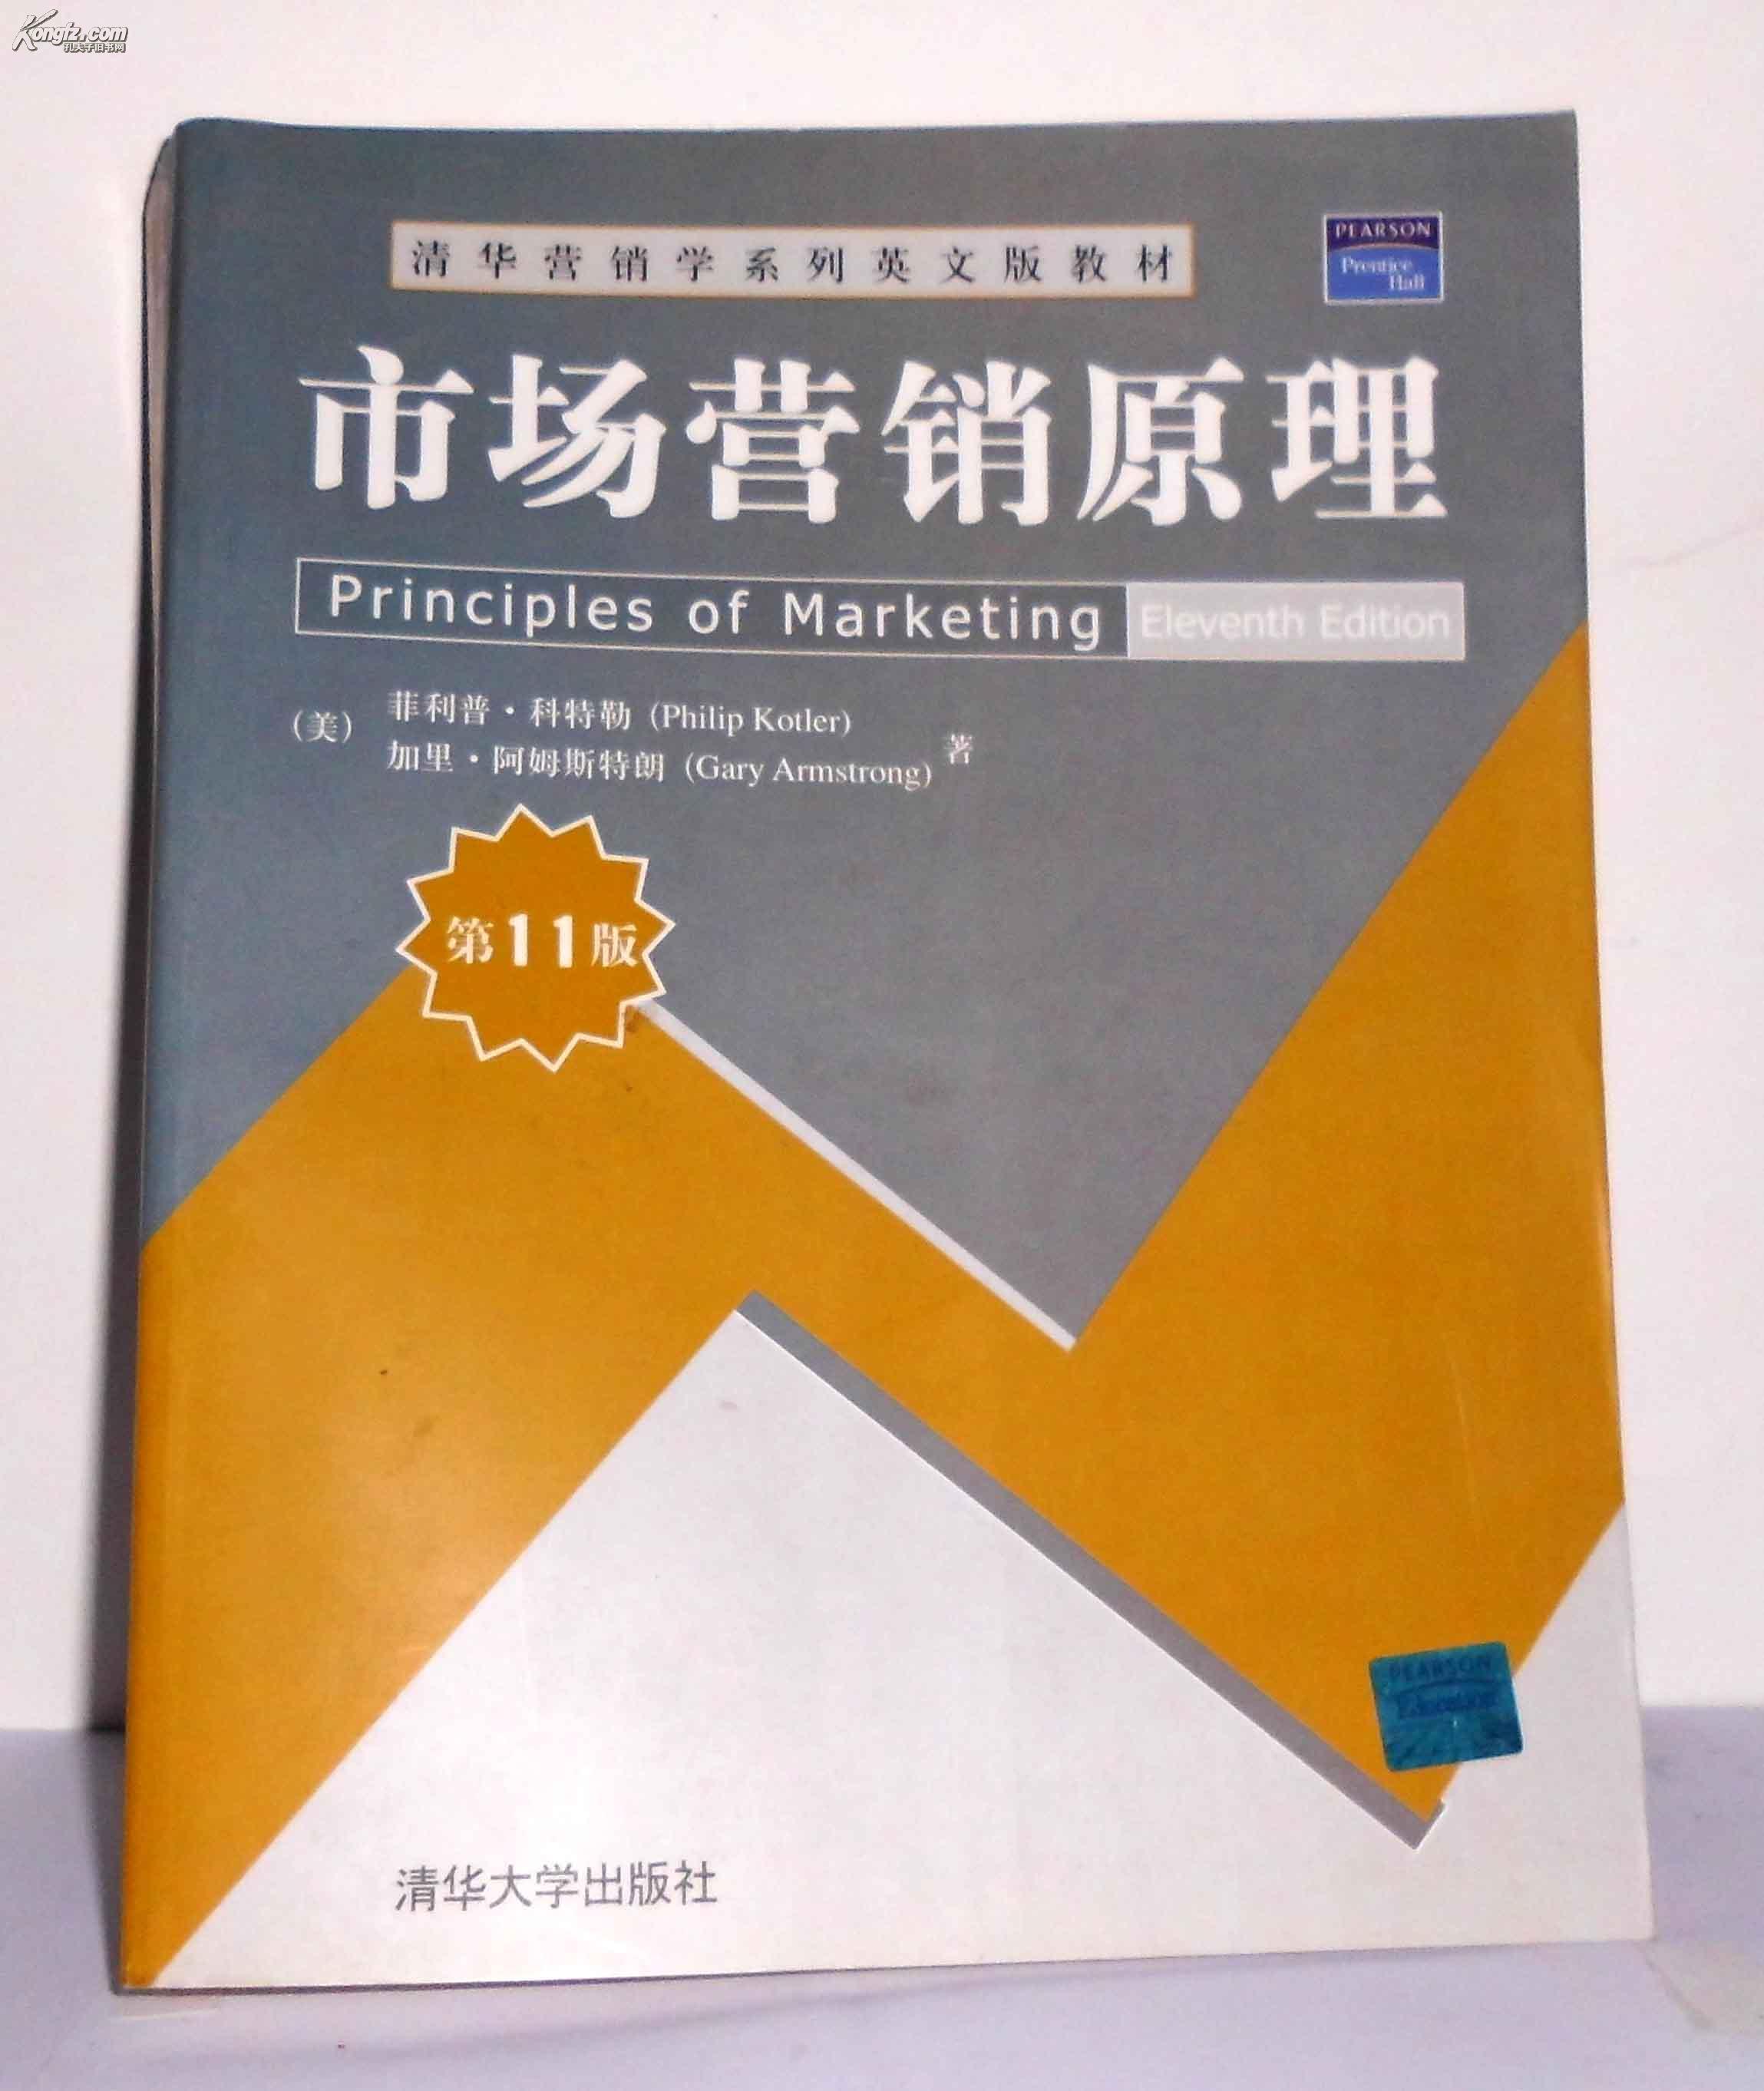 清华营销学系列英文版教材 市场营销原理 清华大学出版社